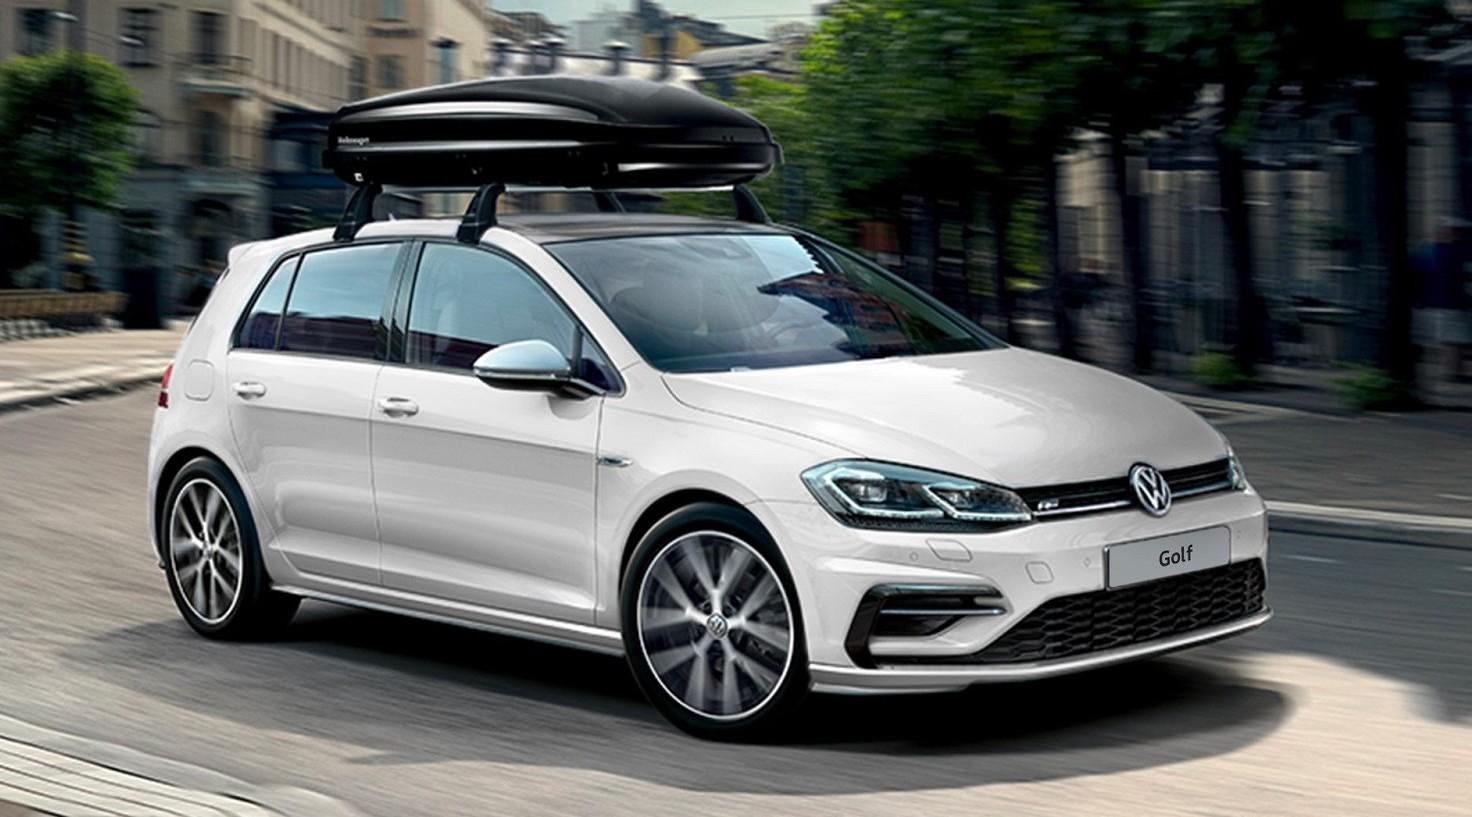 Volkswagen Golf 7 giudizi e recensioni s